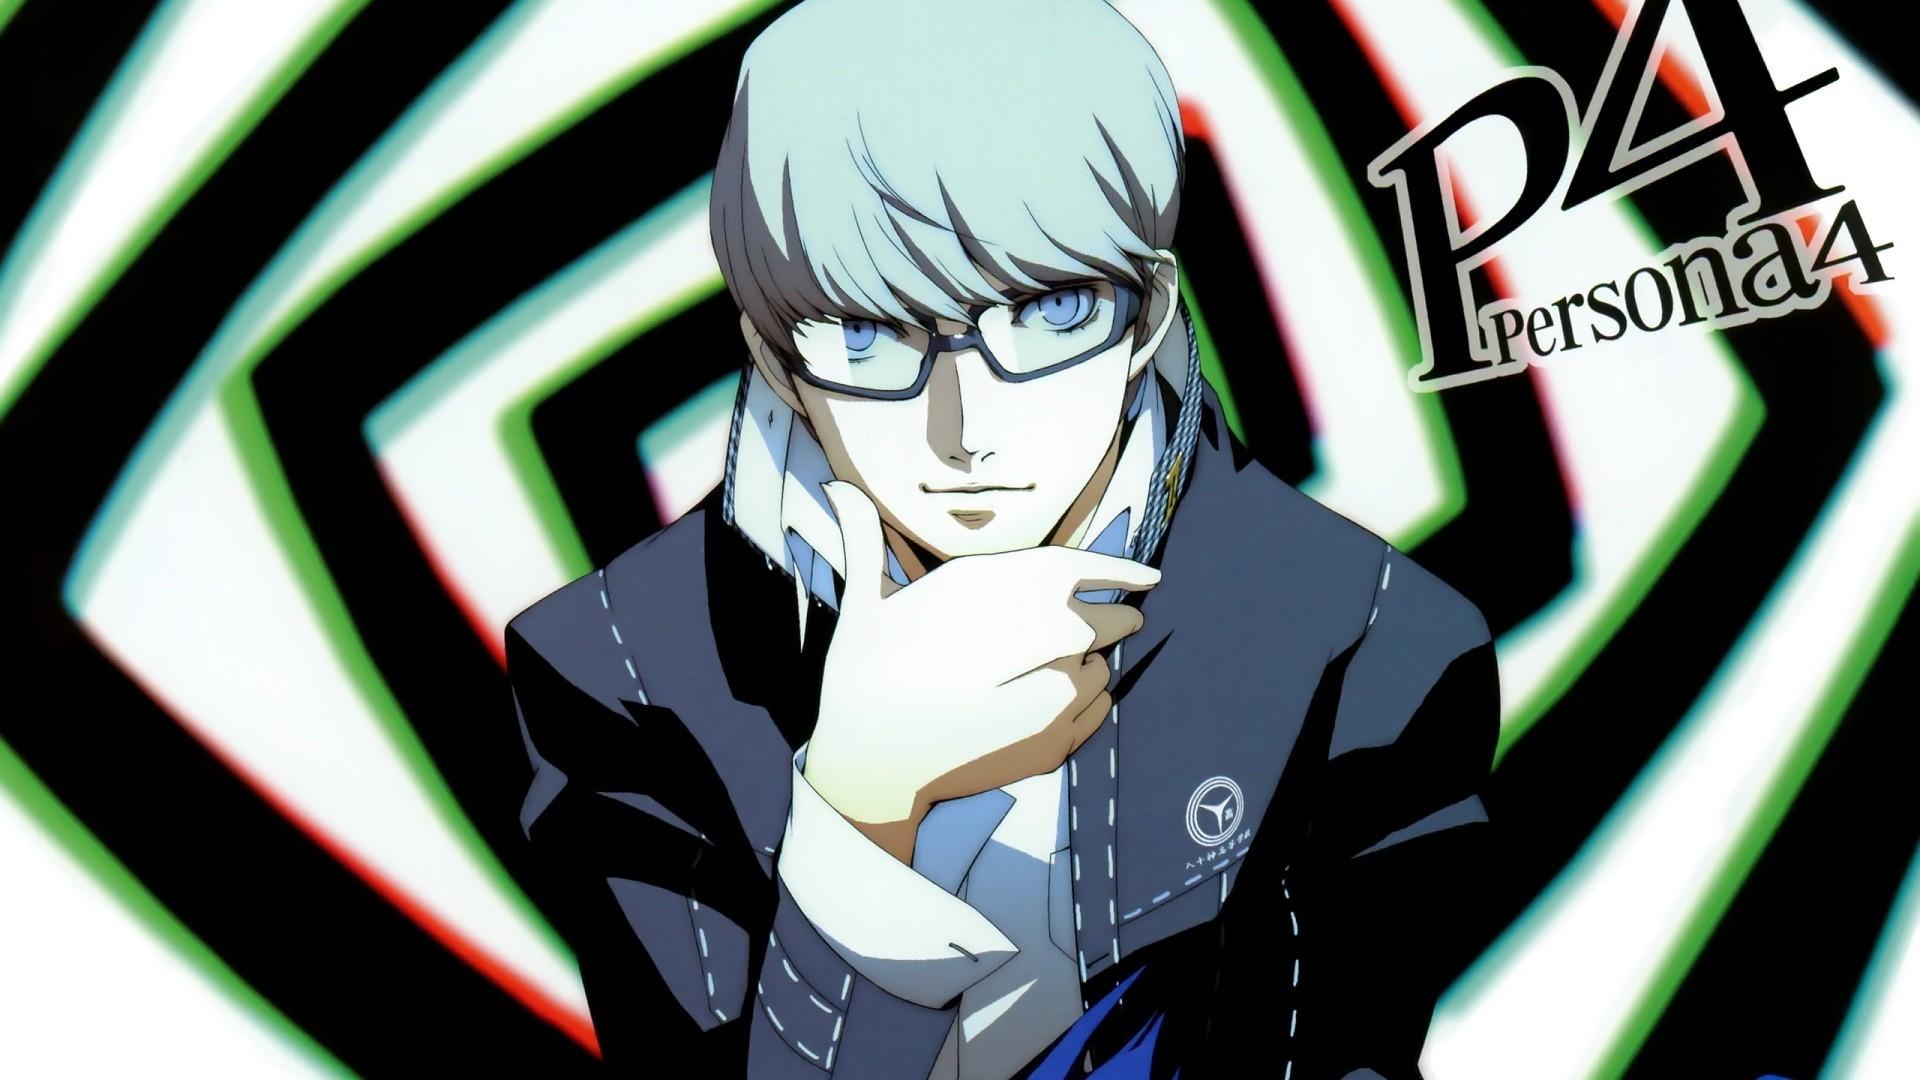 Persona 4 Wallpaper Persona, 4